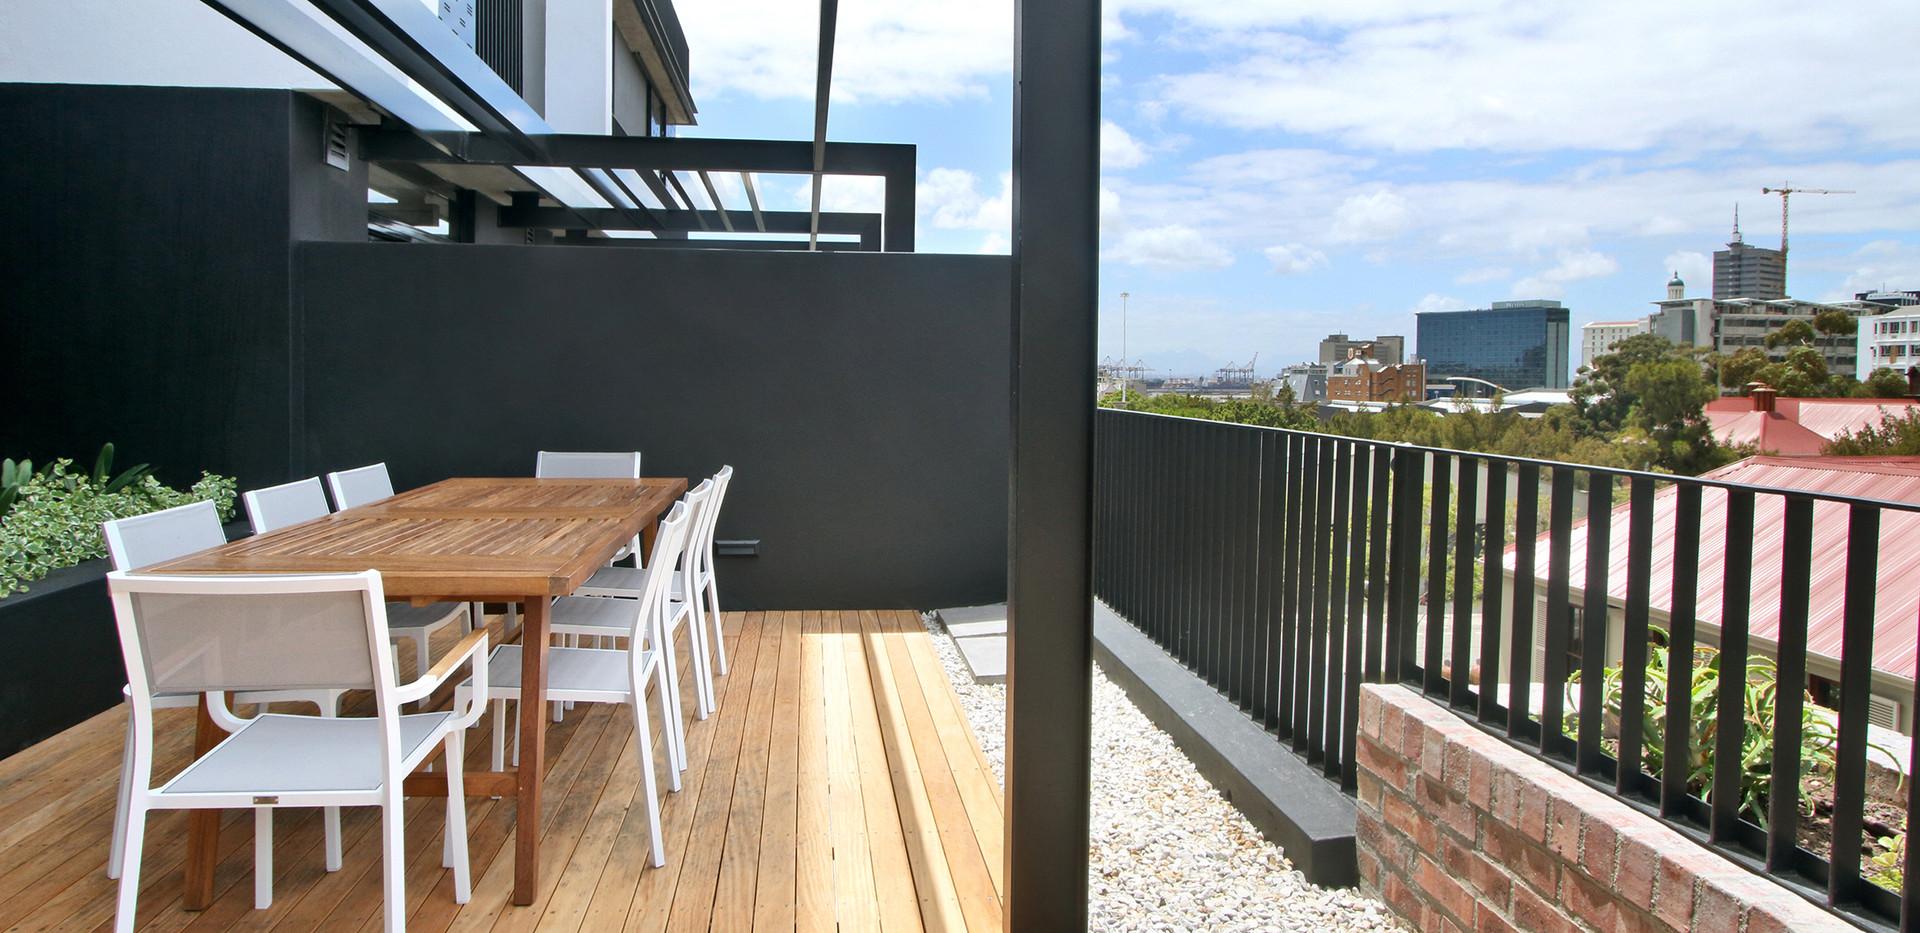 Balcony_2bedroom_Signatura_206_ITC_3.jpg